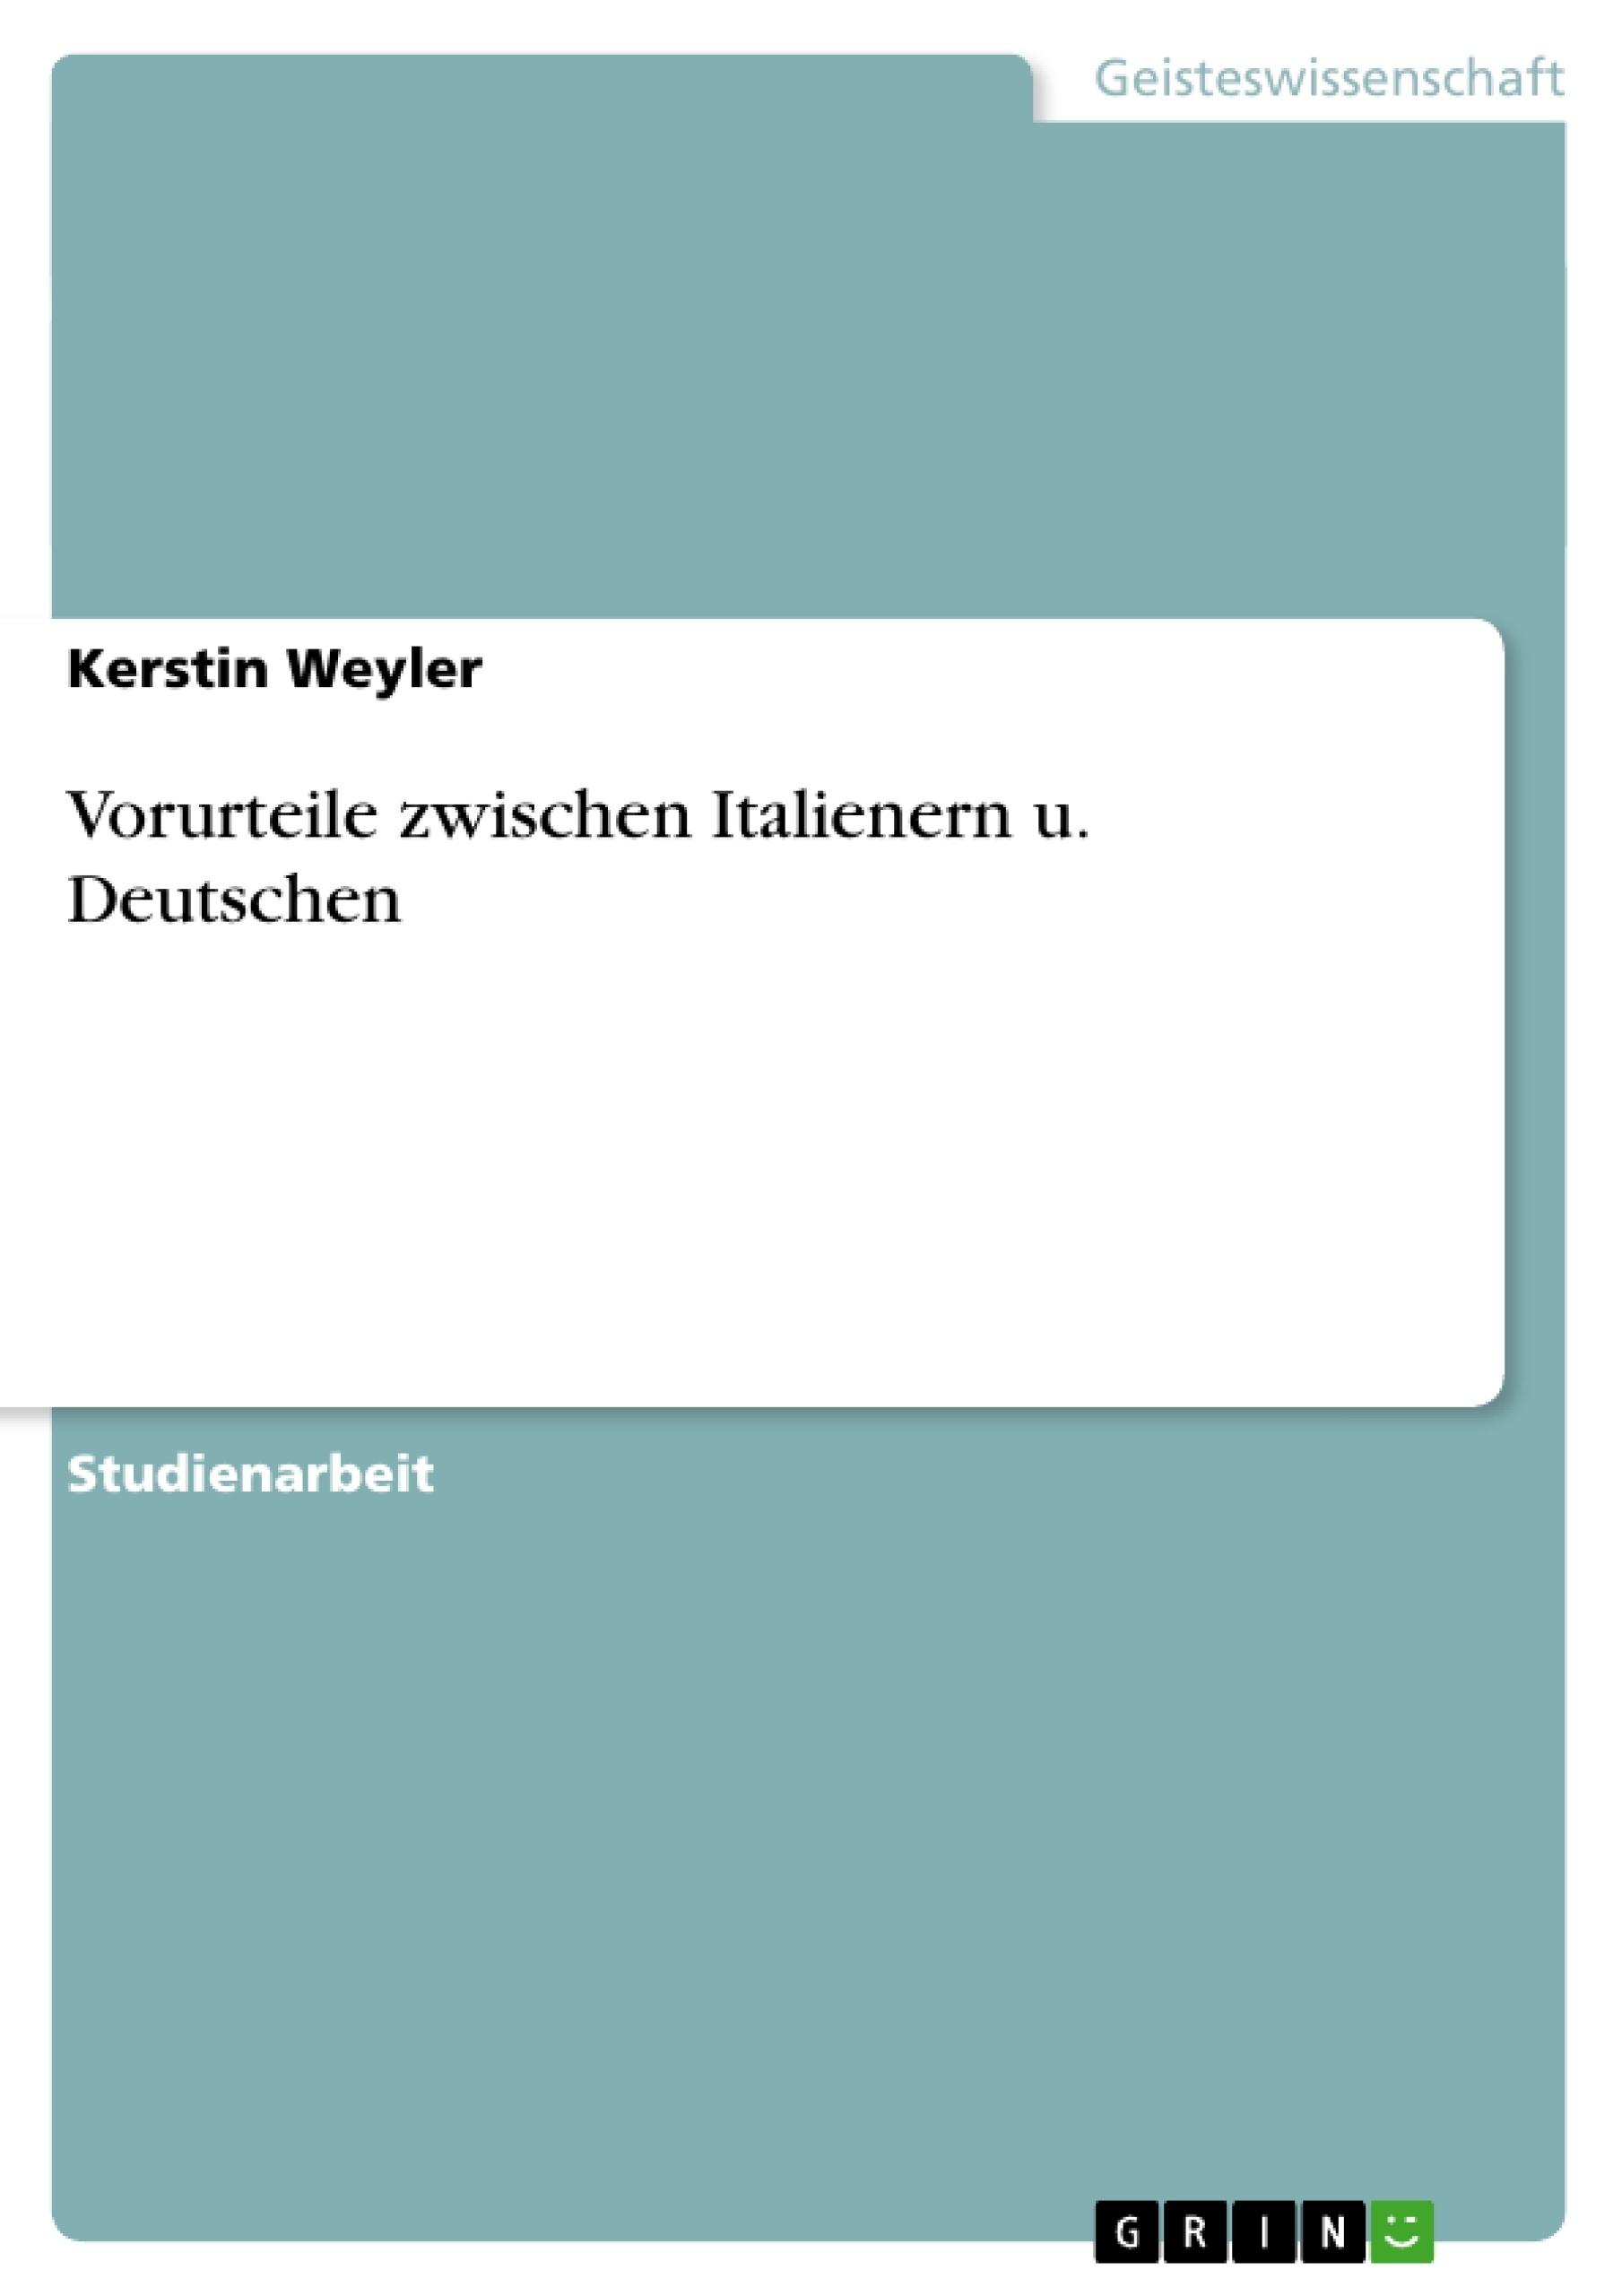 Titel: Vorurteile zwischen Italienern u. Deutschen